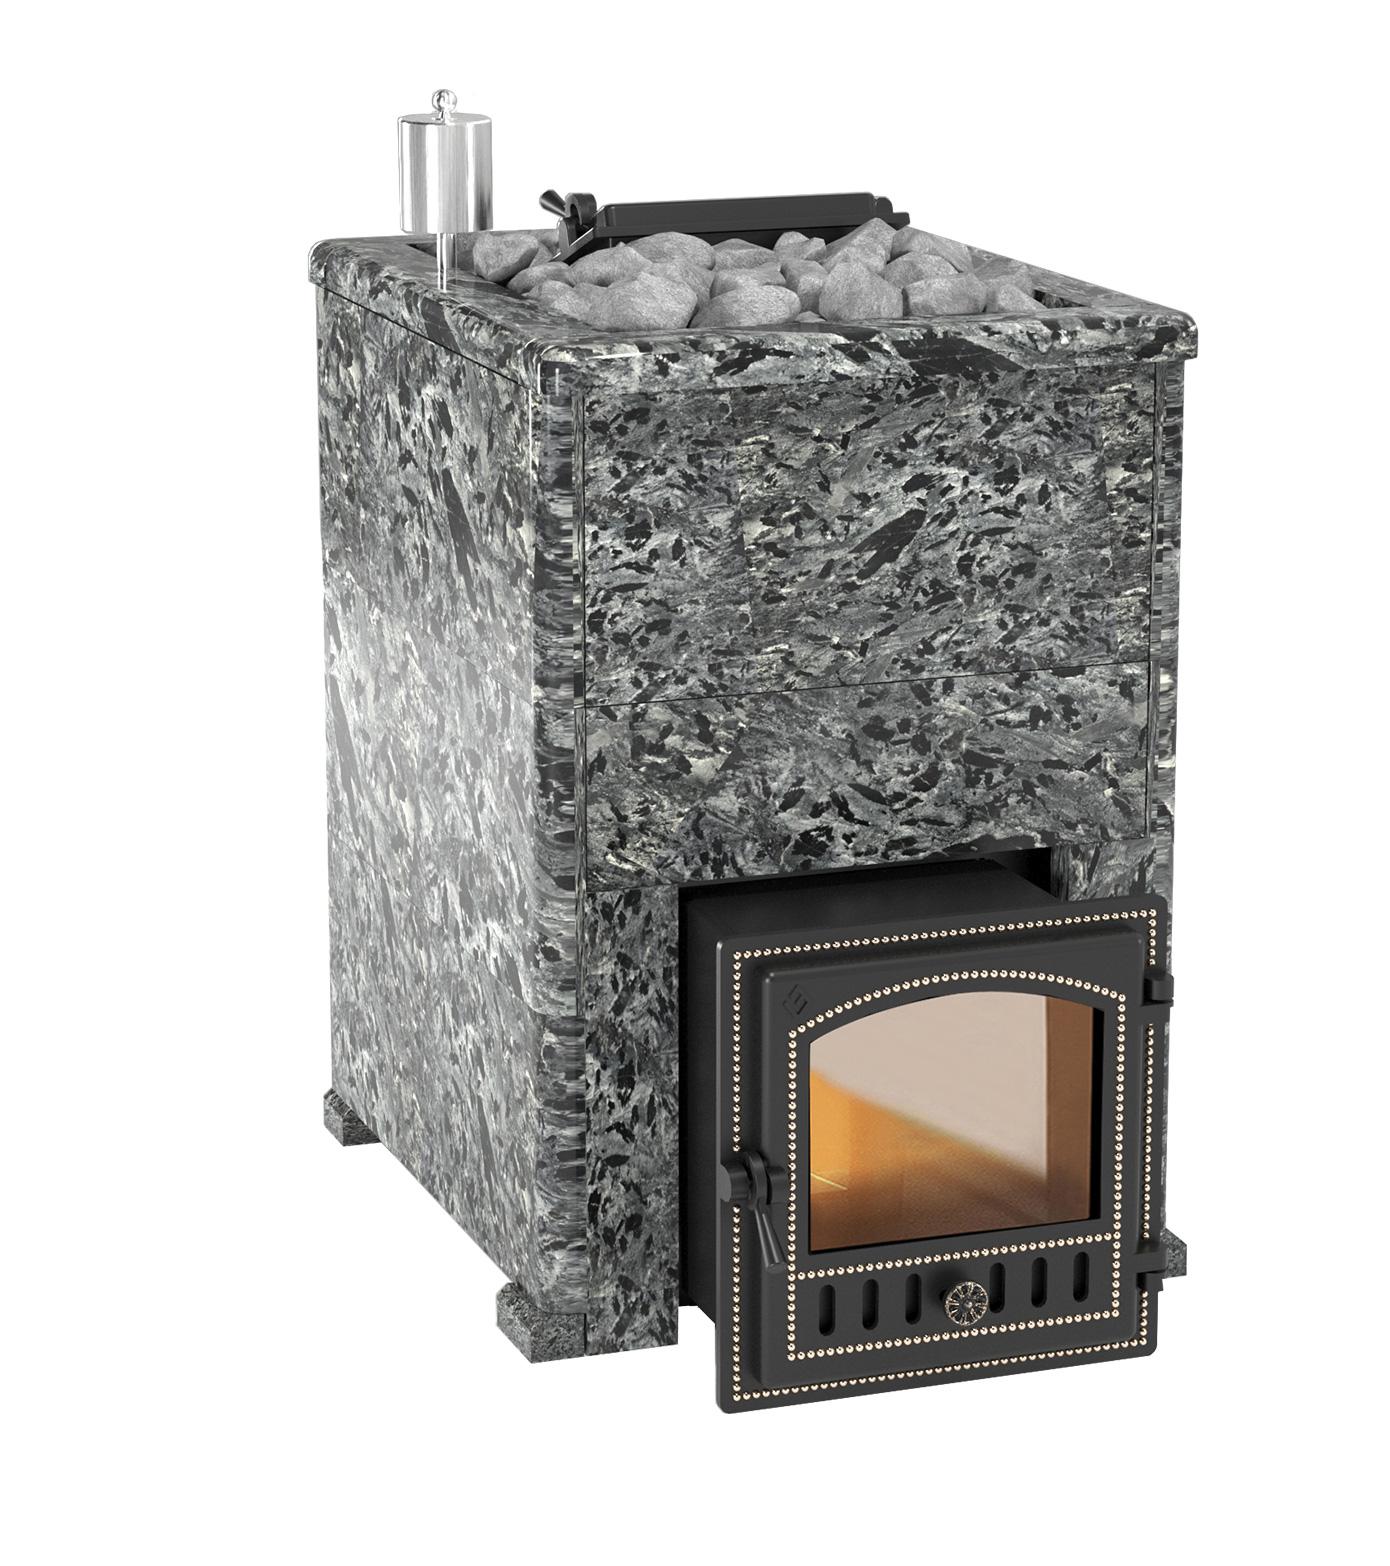 Банная печь Эверест INOX 20 (280) в облицовке пироксенит элит